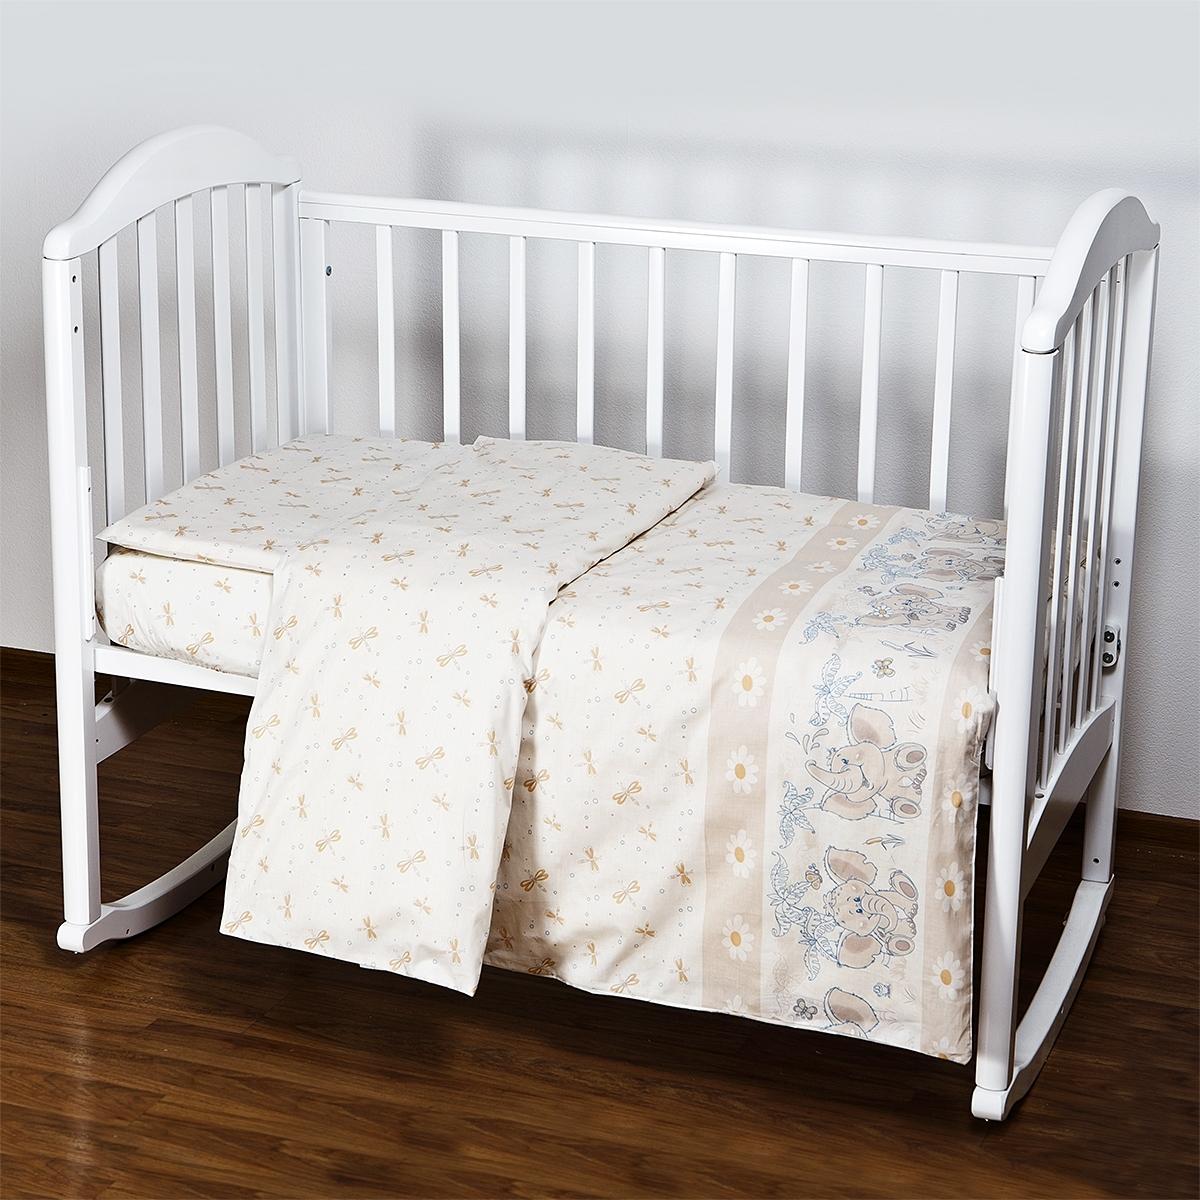 Комплект постельного белья  Baby Nice Элит Слоники (бежевый, голубой, розовый)<br>